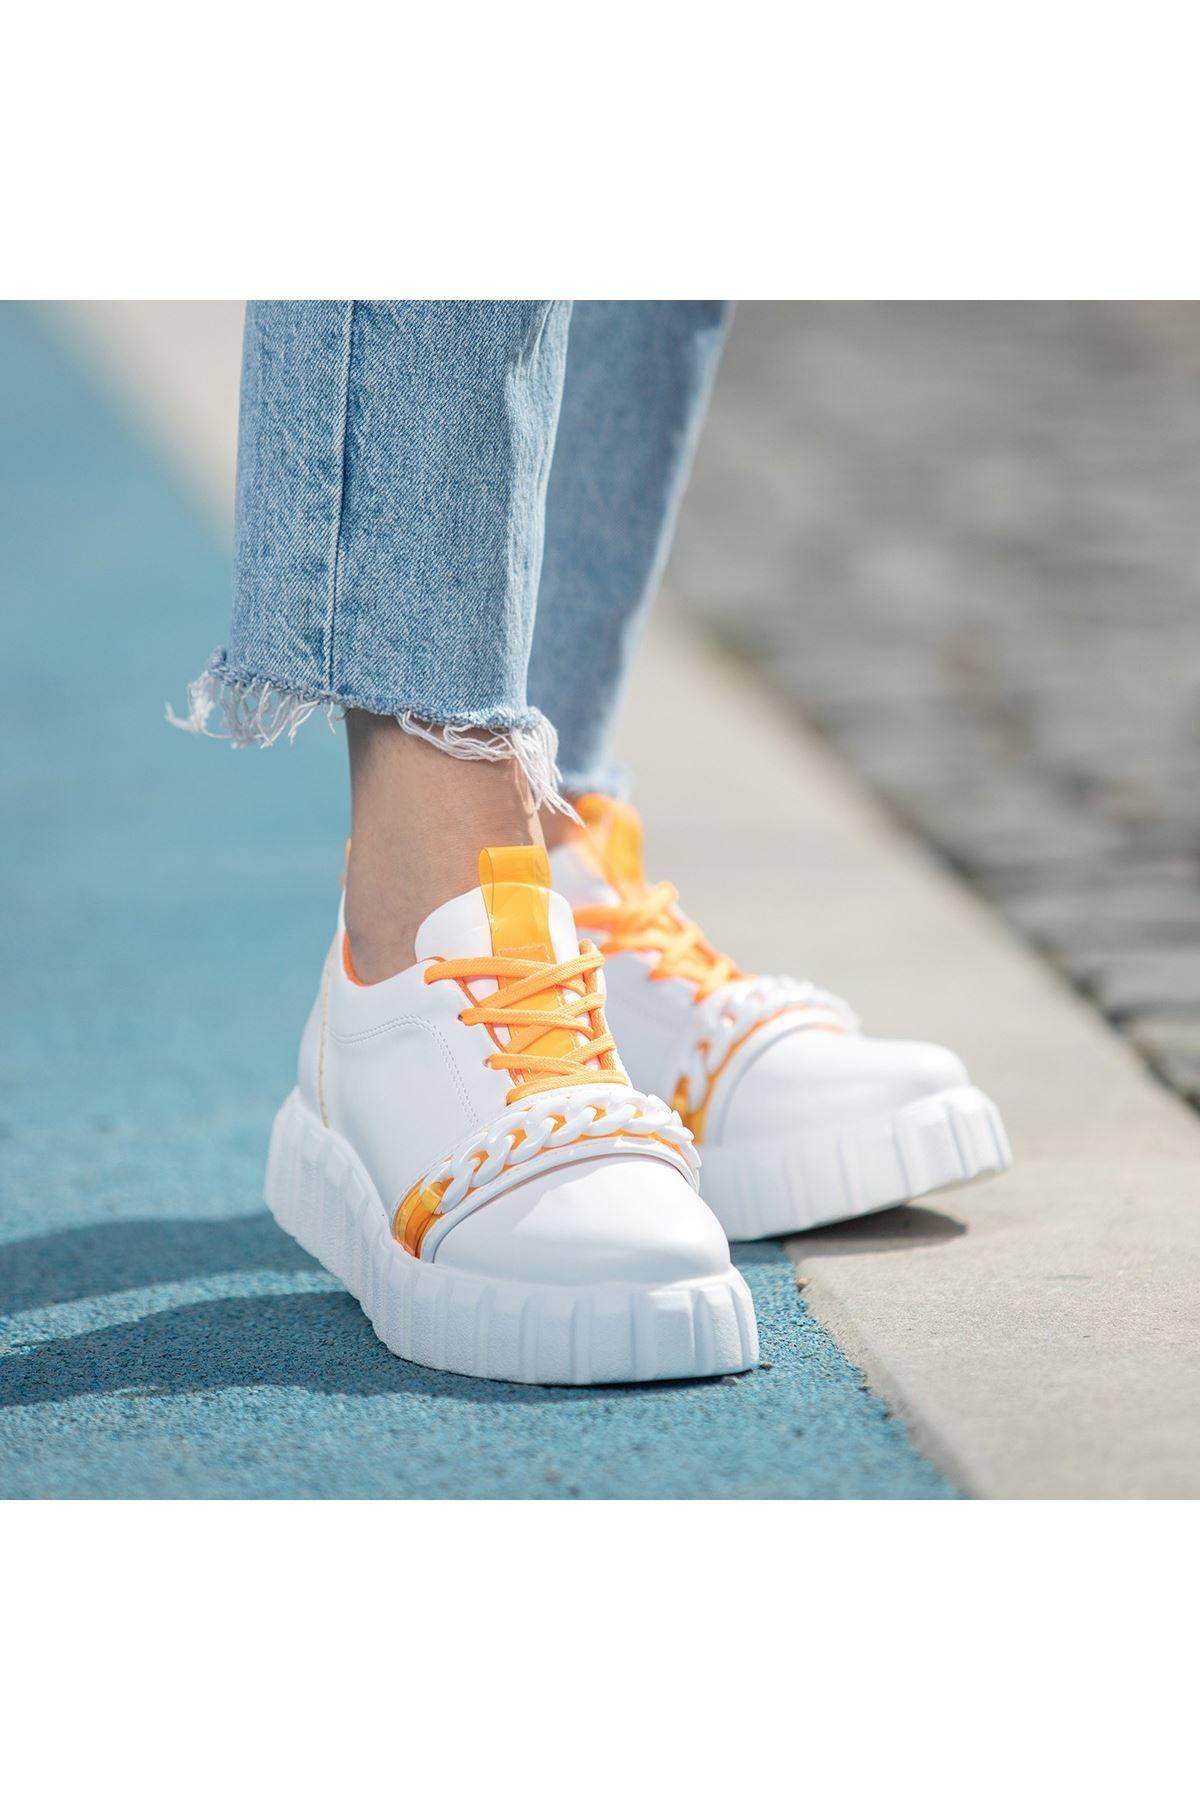 Mya Beyaz Cilt Turuncu Detaylı Bağcıklı Spor Ayakkabı